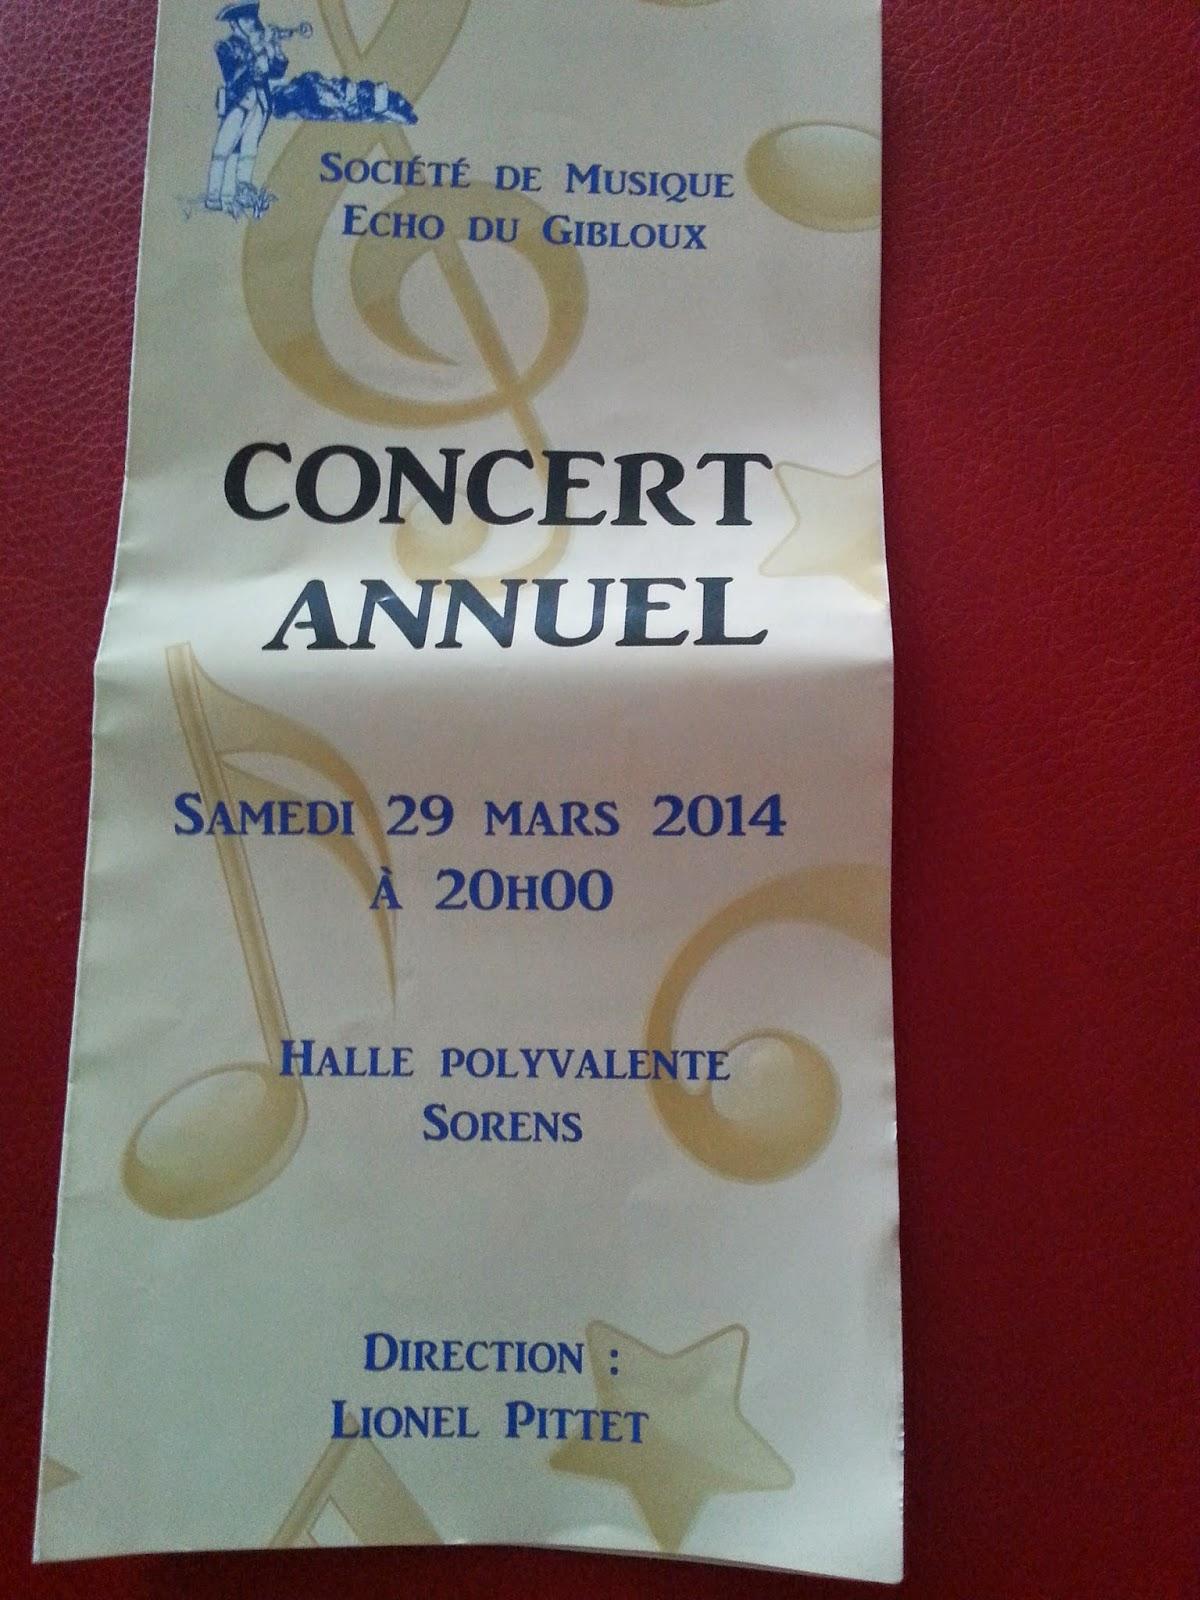 Fim de semana : Concerto de música na Suíça.